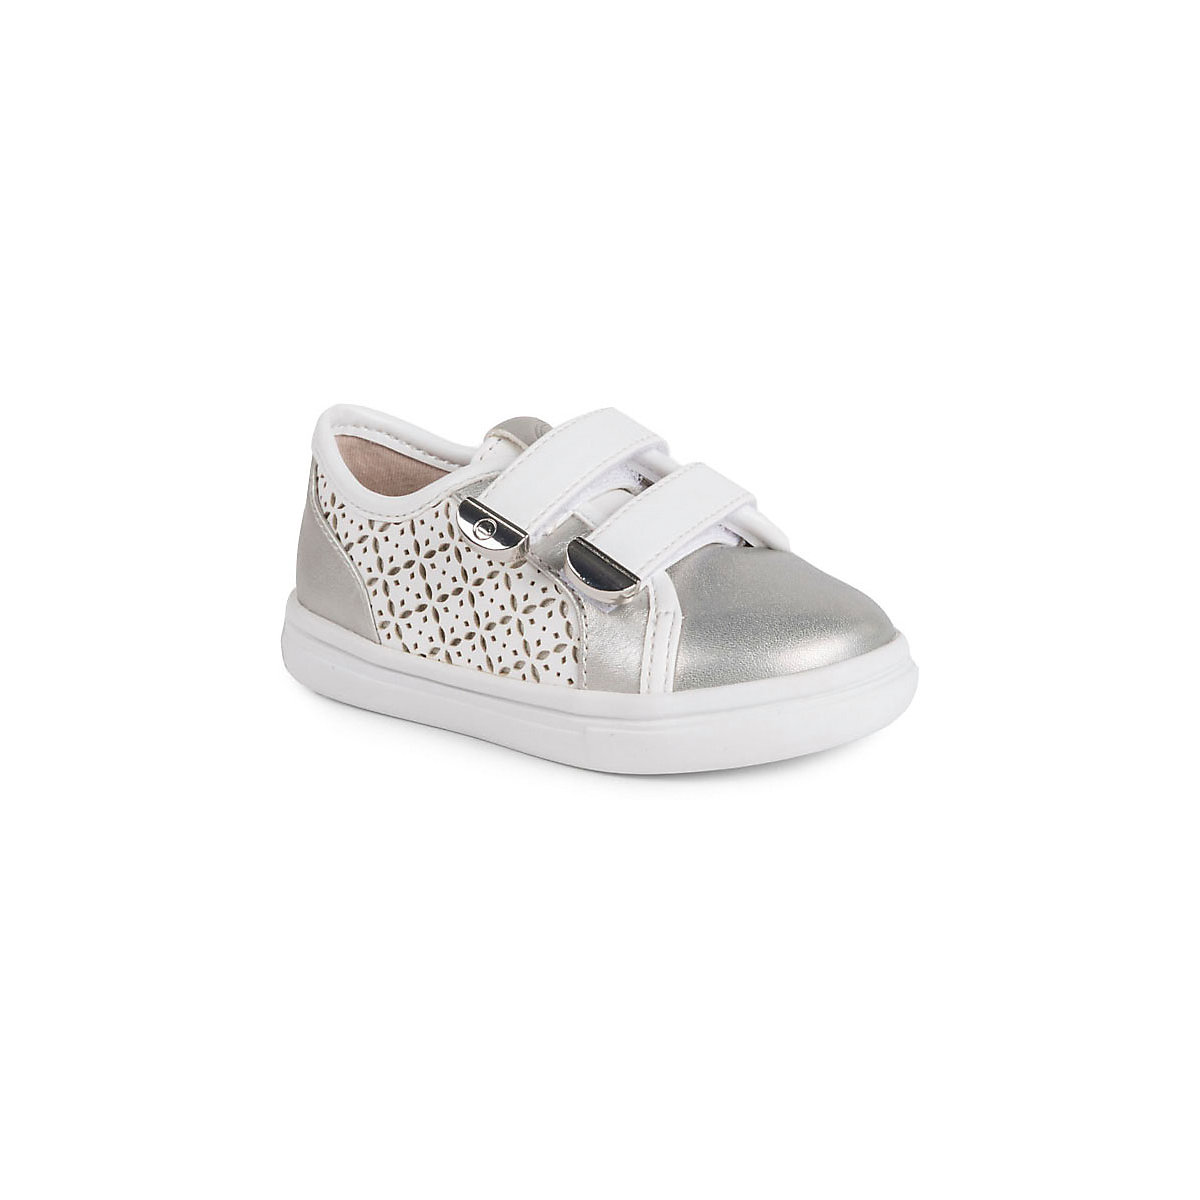 MAYORAL Kinderen Casual Schoenen 10642698 sneakers loopschoenen voor kinderen Zilver sport Meisjes PU